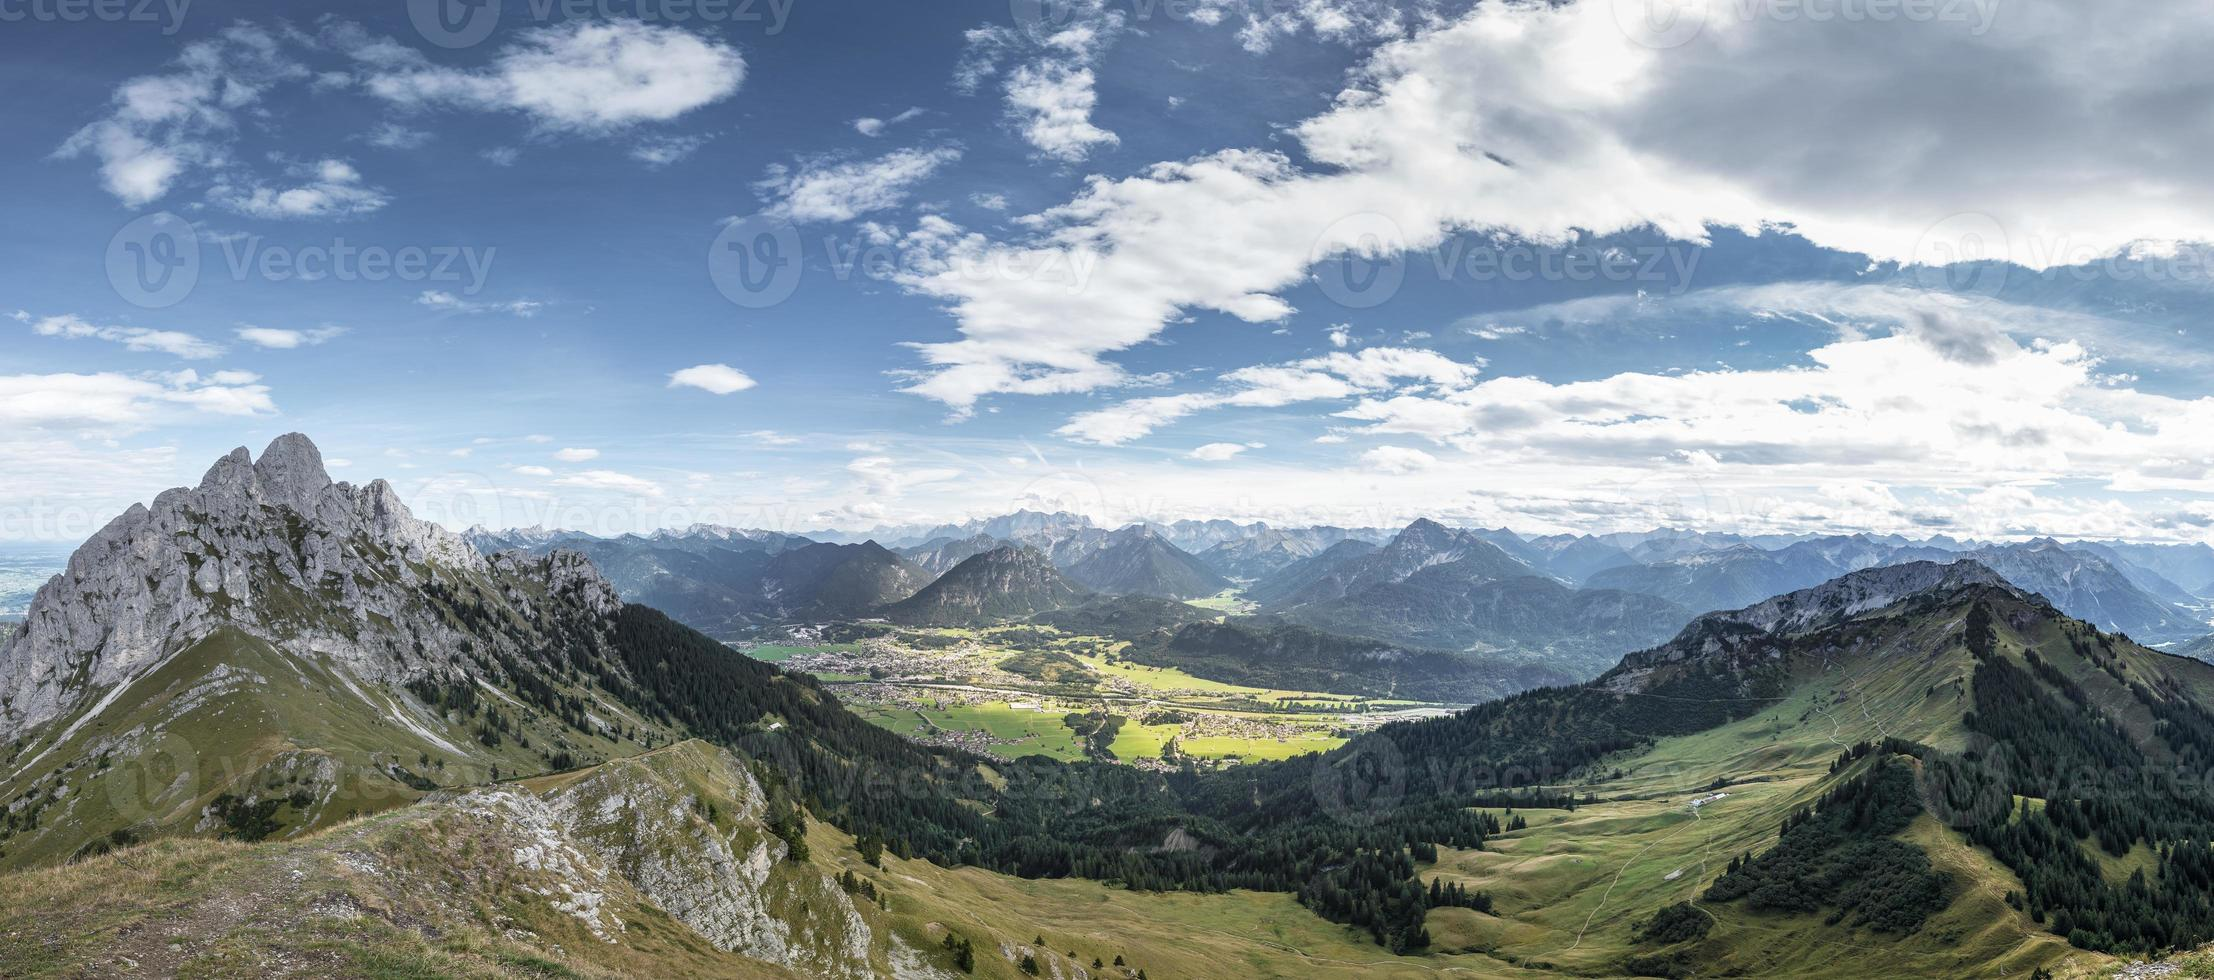 panorama från berget hahnenkamm med utsikt mot Reutte foto